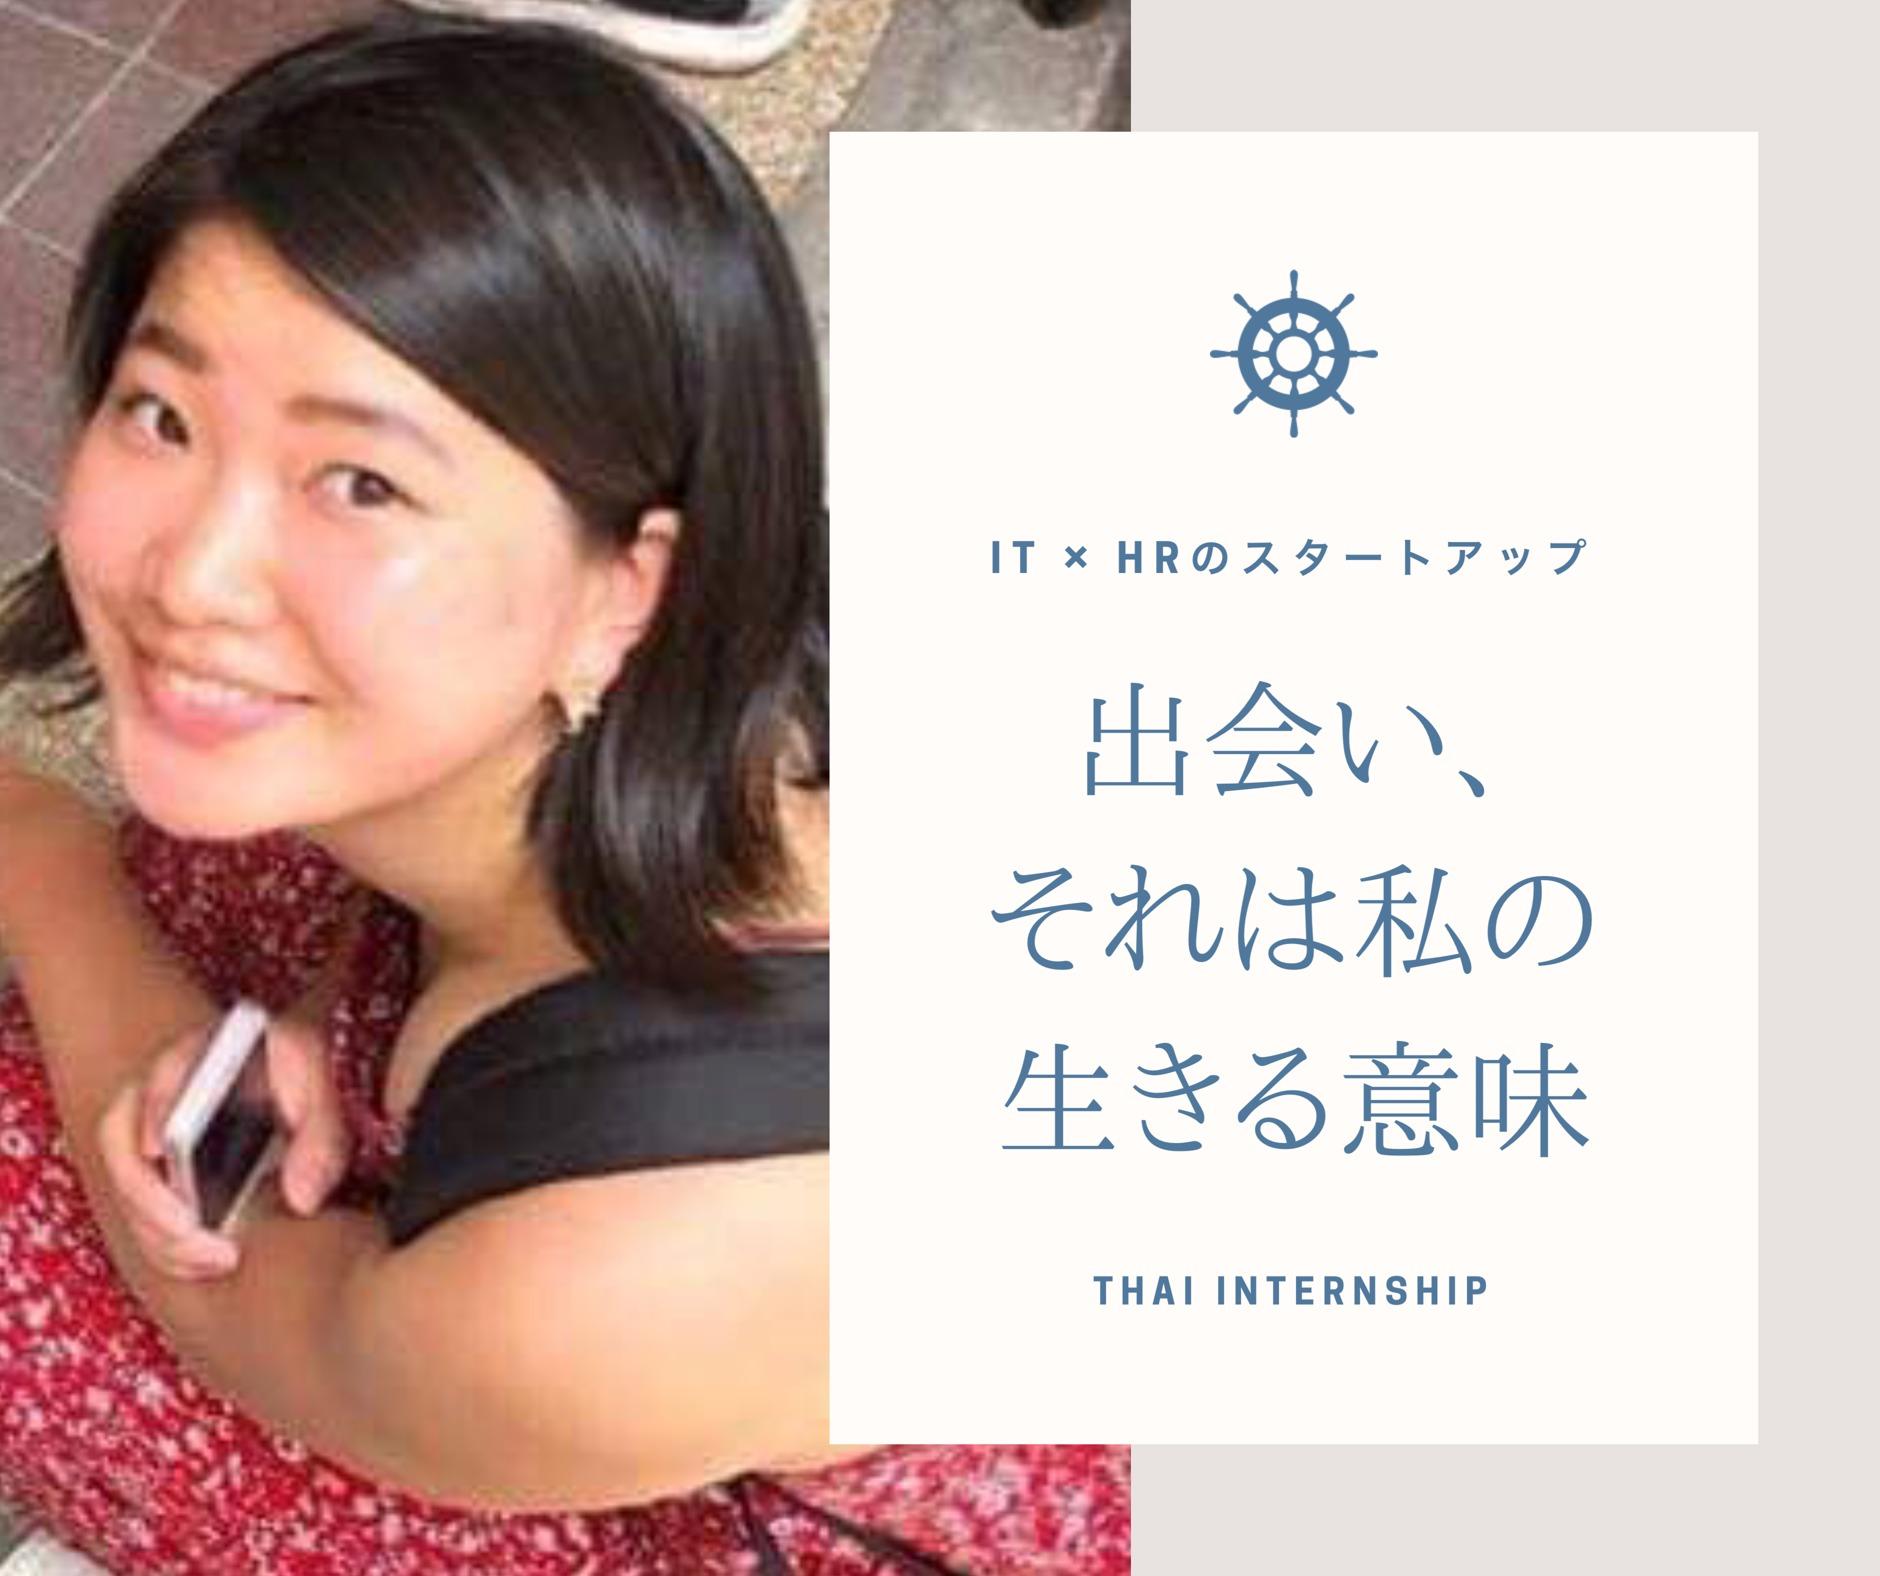 【海外インターン体験記/タイ】「人の生き方」に魅了される女子大生